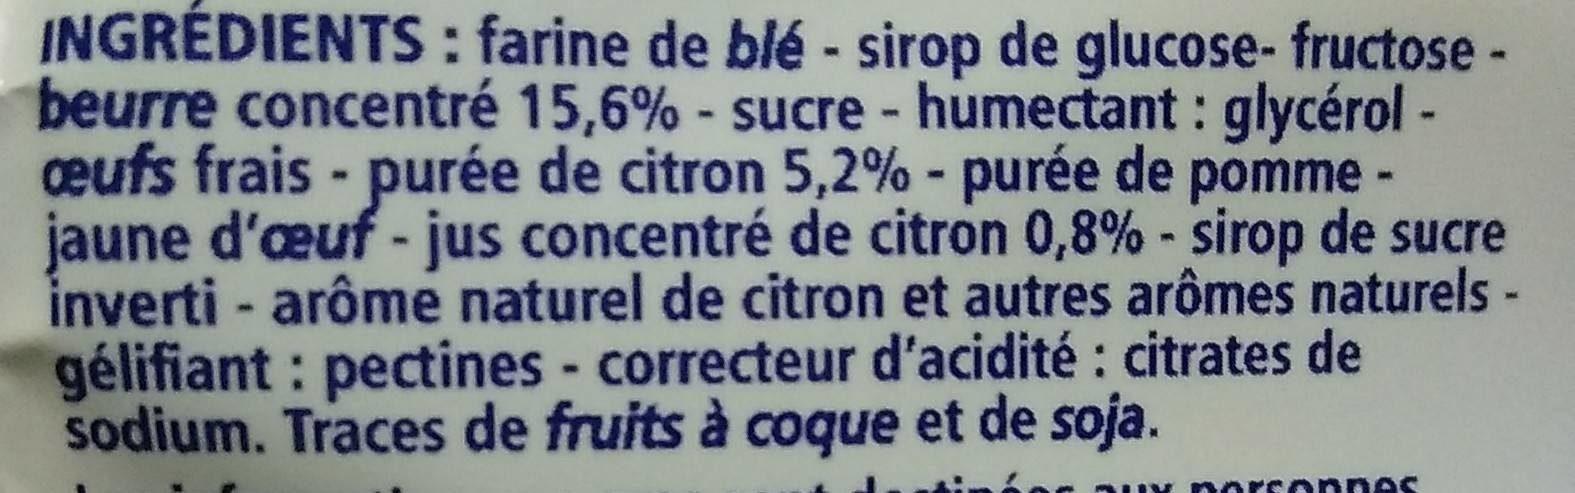 Tartelettes au citron Pur beurre - Ingrédients - fr